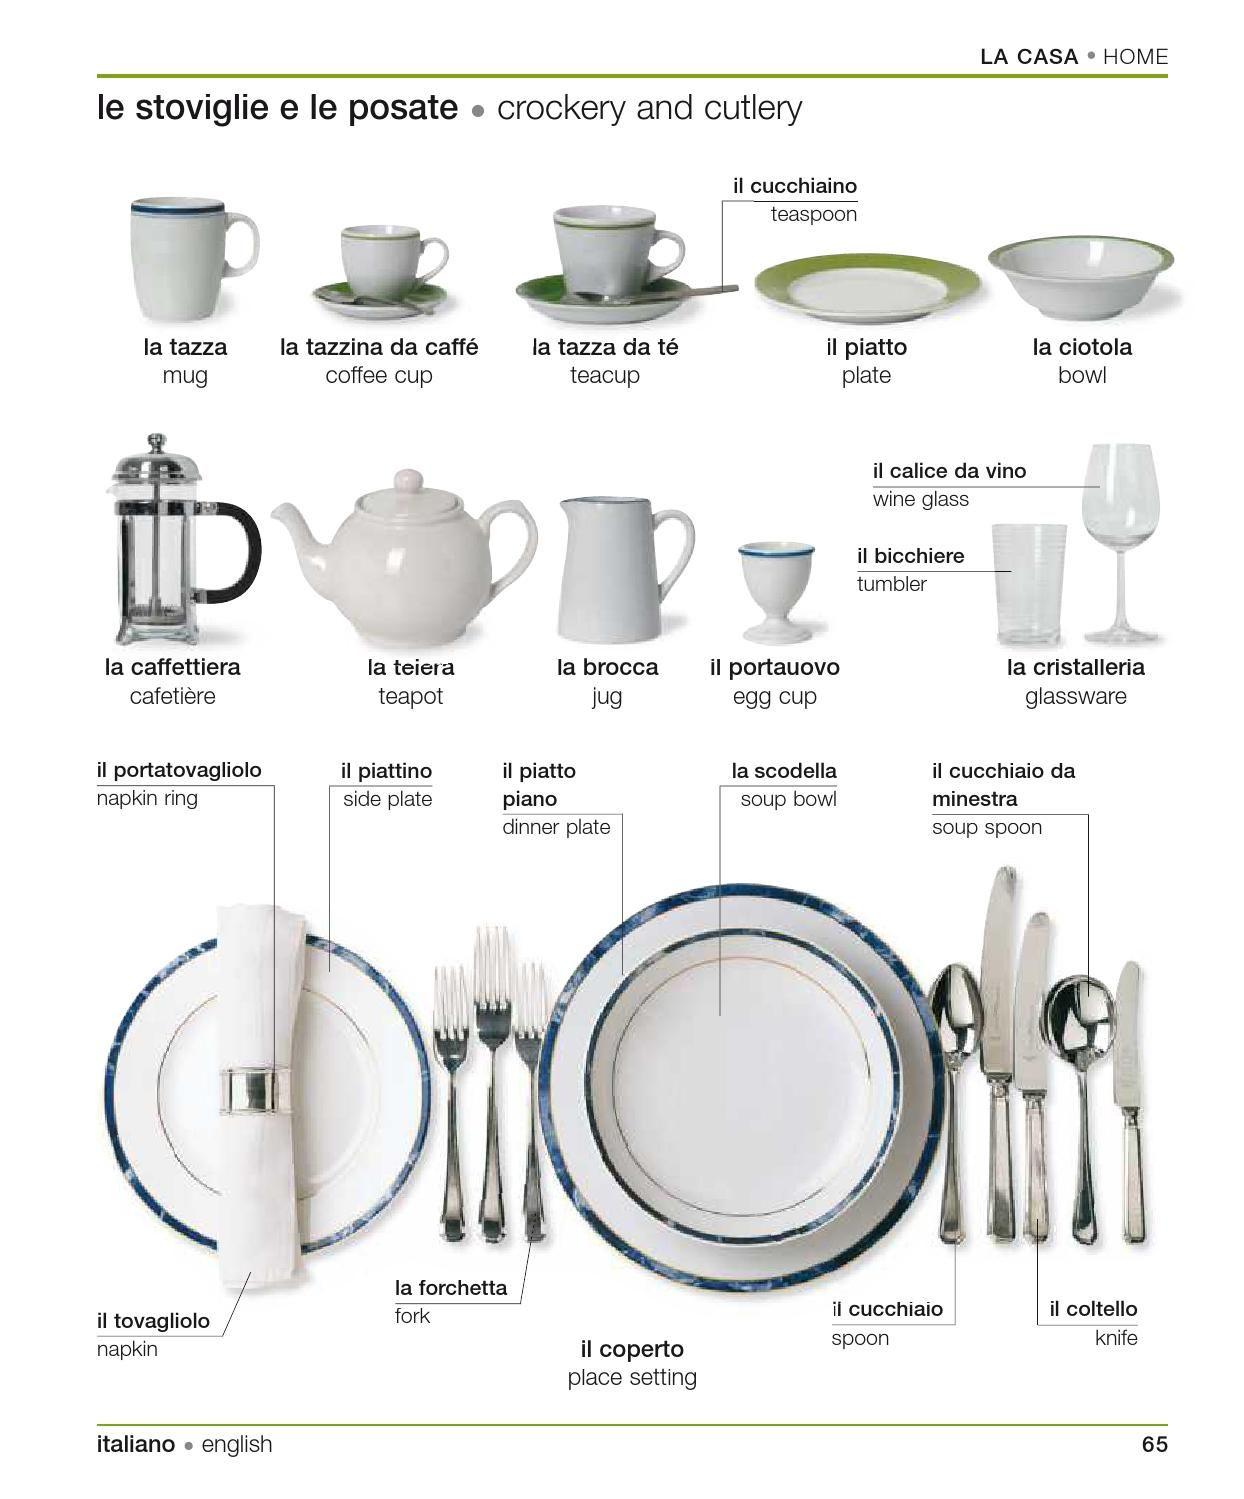 Learning Italian - Crockery & Cutlery